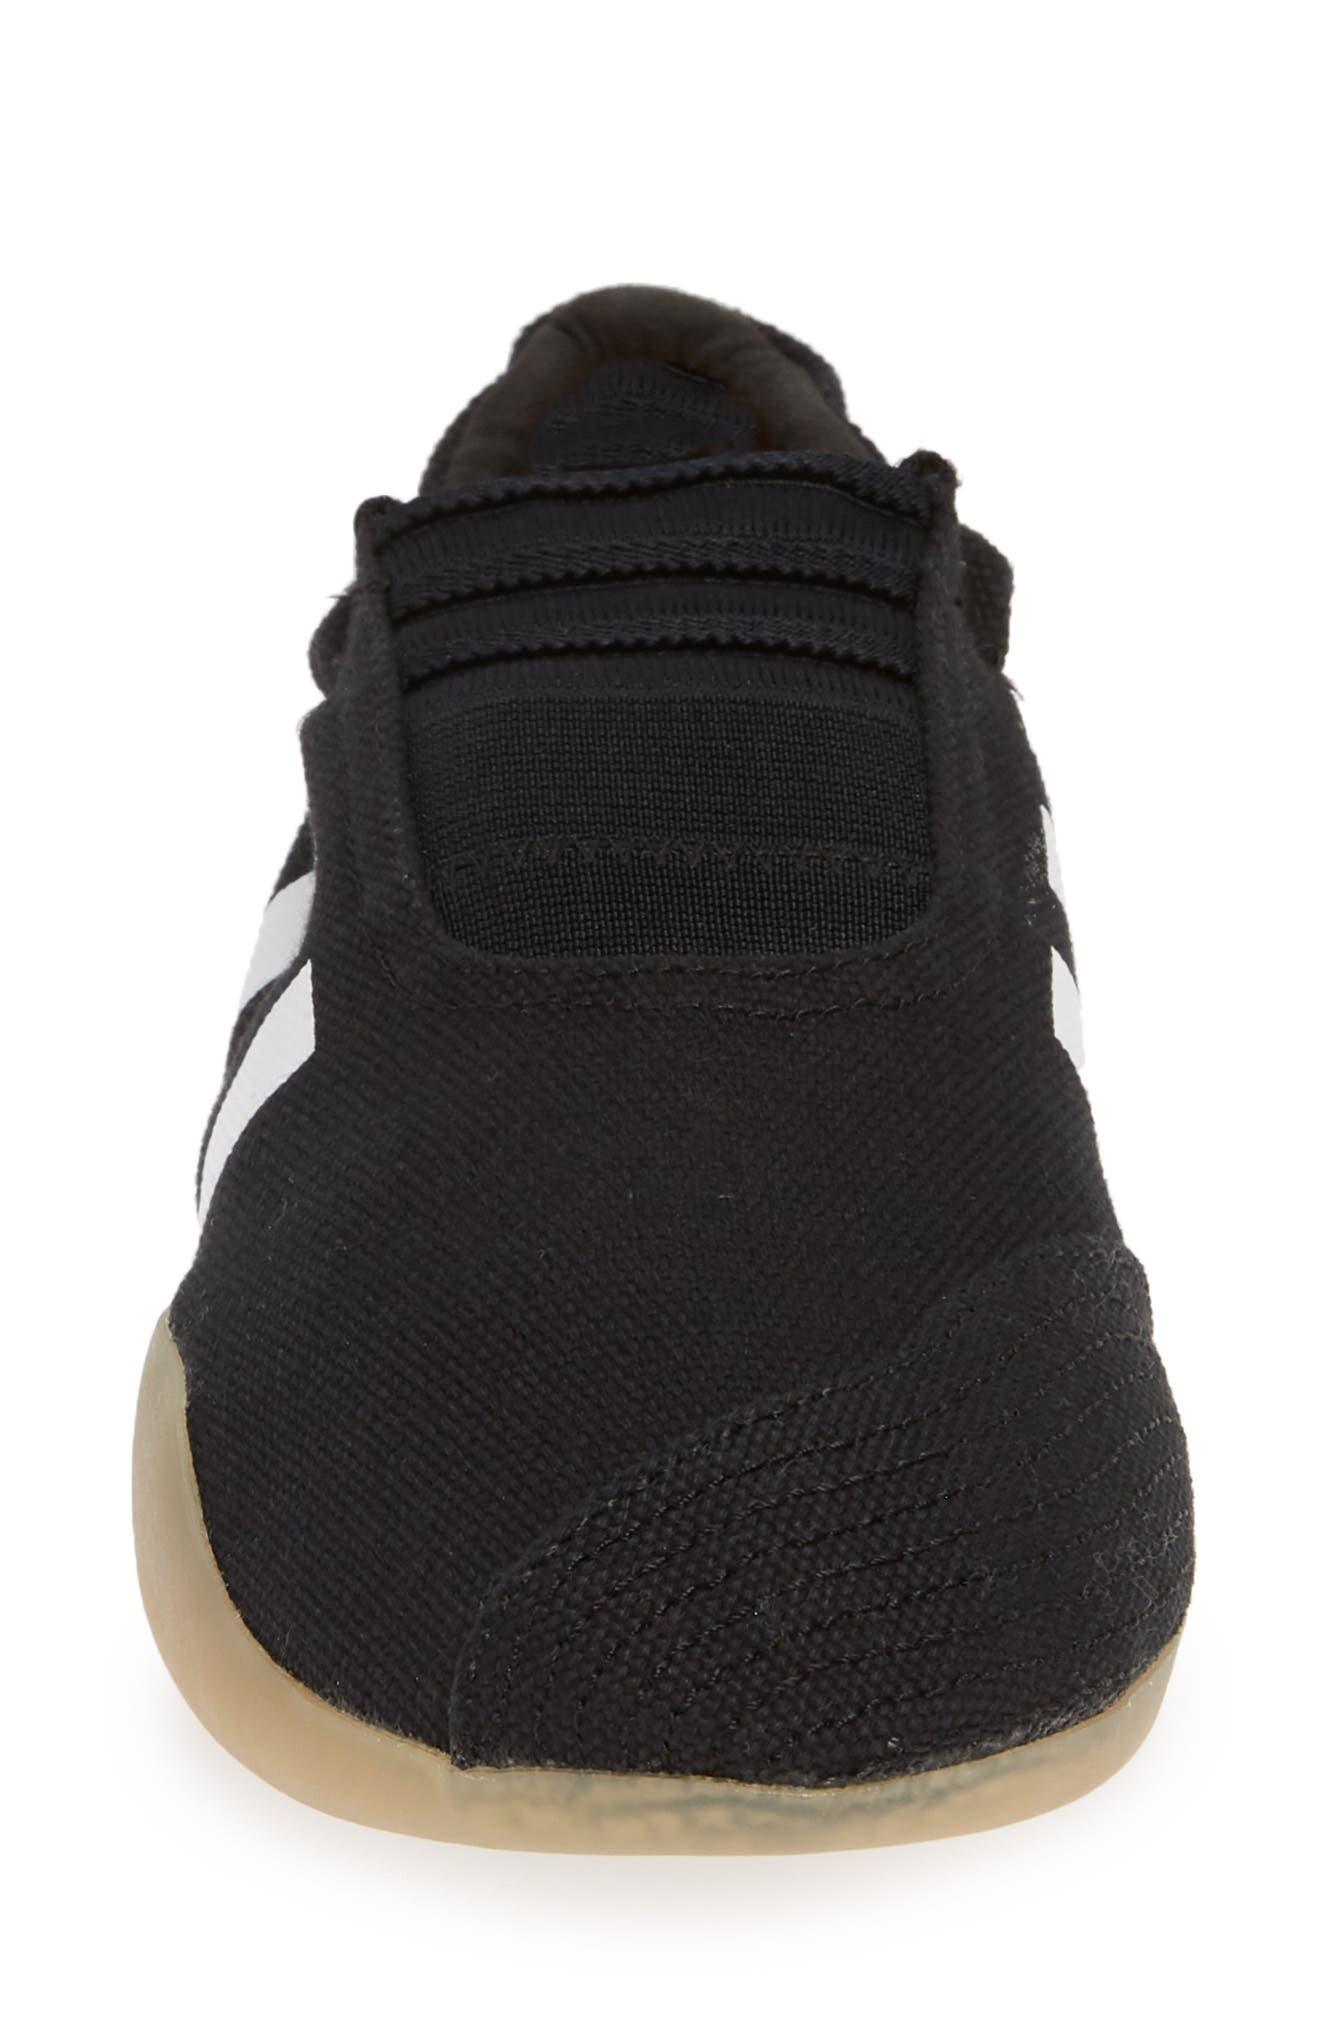 Taekwondo Slip-On Sneaker,                             Alternate thumbnail 4, color,                             CORE BLACK/ WHITE/ GUM 3